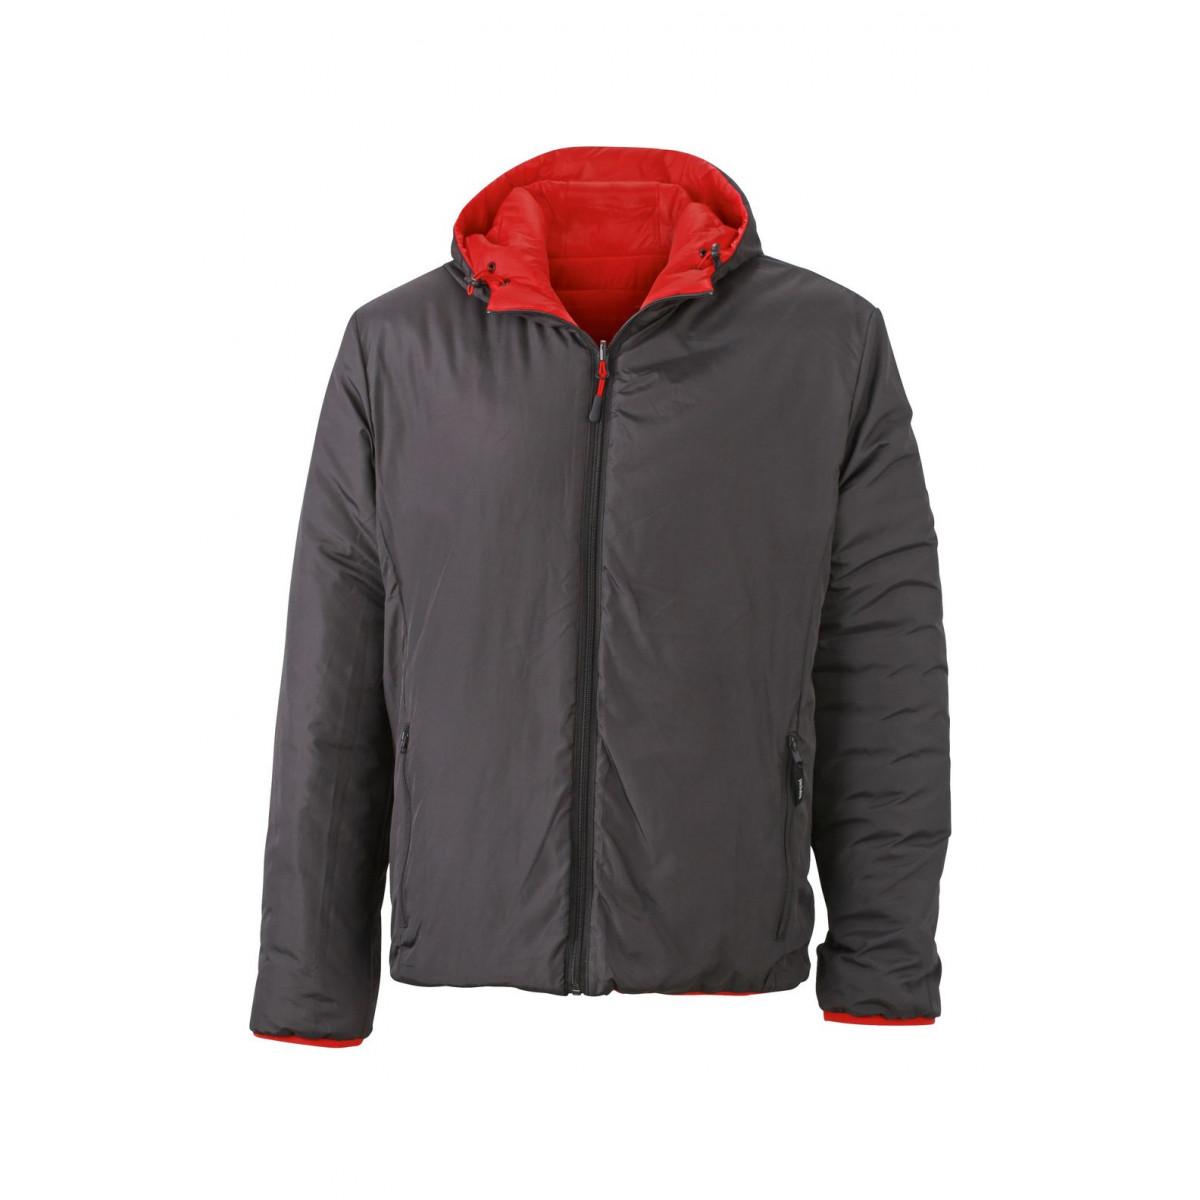 Куртка мужская JN1092 Mens Lightweight Jacket - Красный/Темно-серый